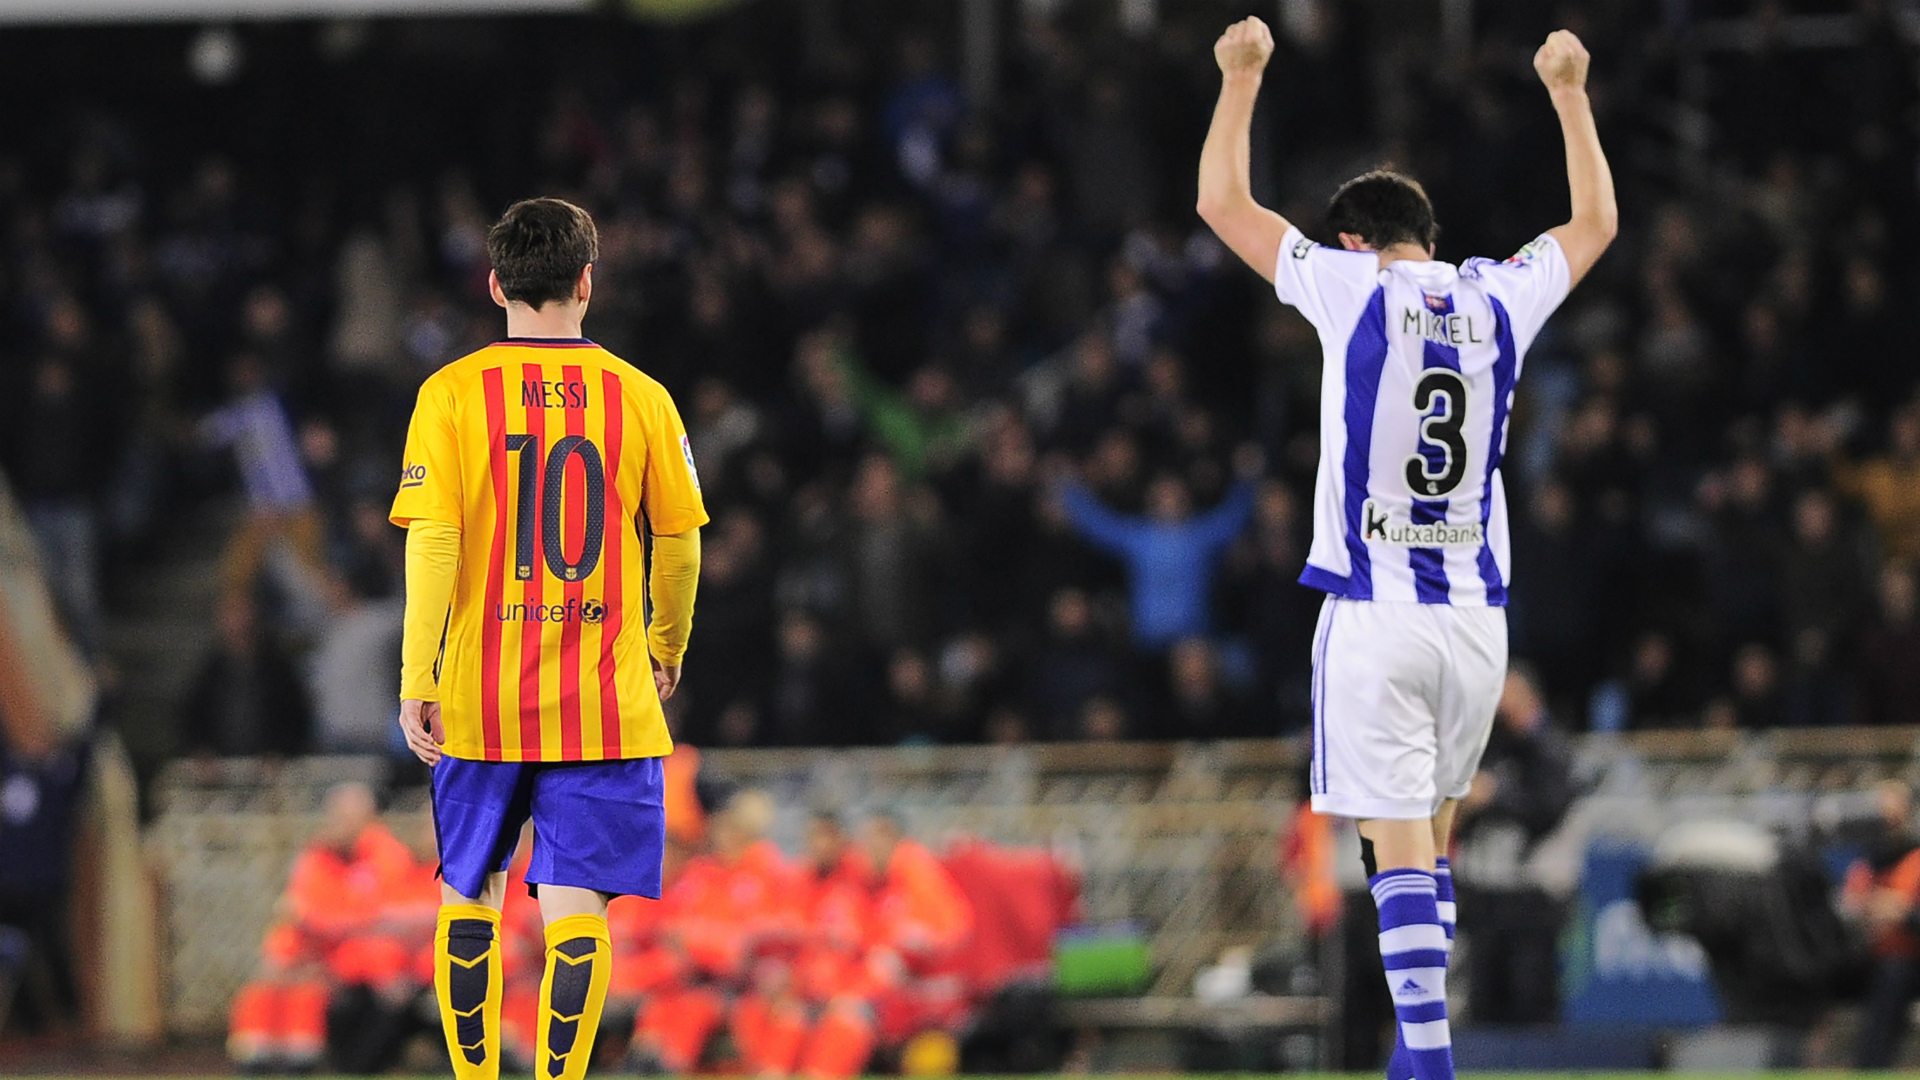 https://images.performgroup.com/di/library/group_content_la/2f/3d/real-sociedad-de-futbol-v-fc-barcelona-la-liga-08042016_q64uwc2cm1vz19a1ar29ytsu5.jpg